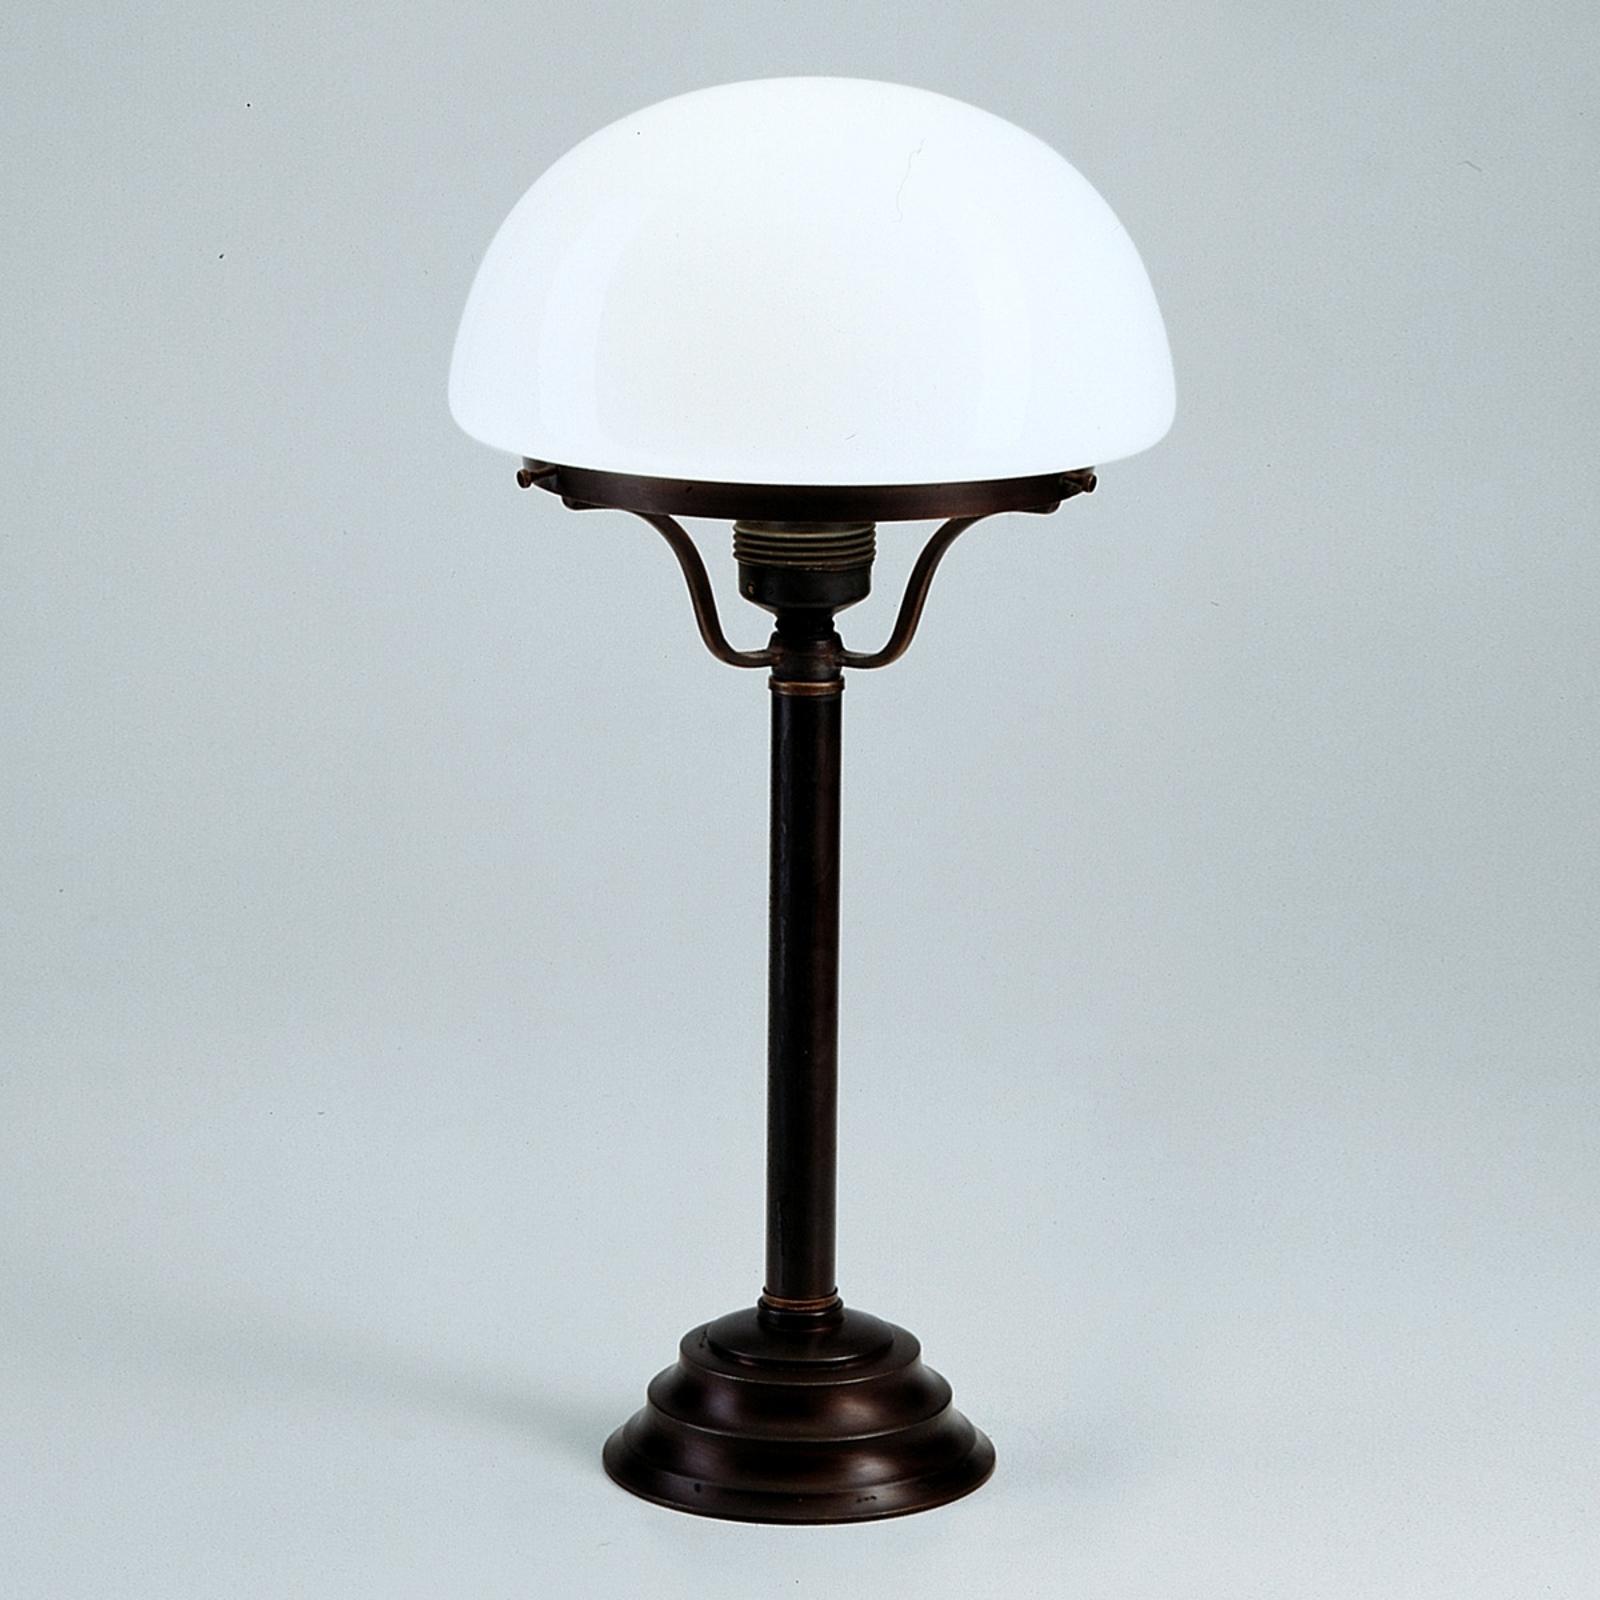 Stolní lampa Frank s antickým rustikálním vzhledem